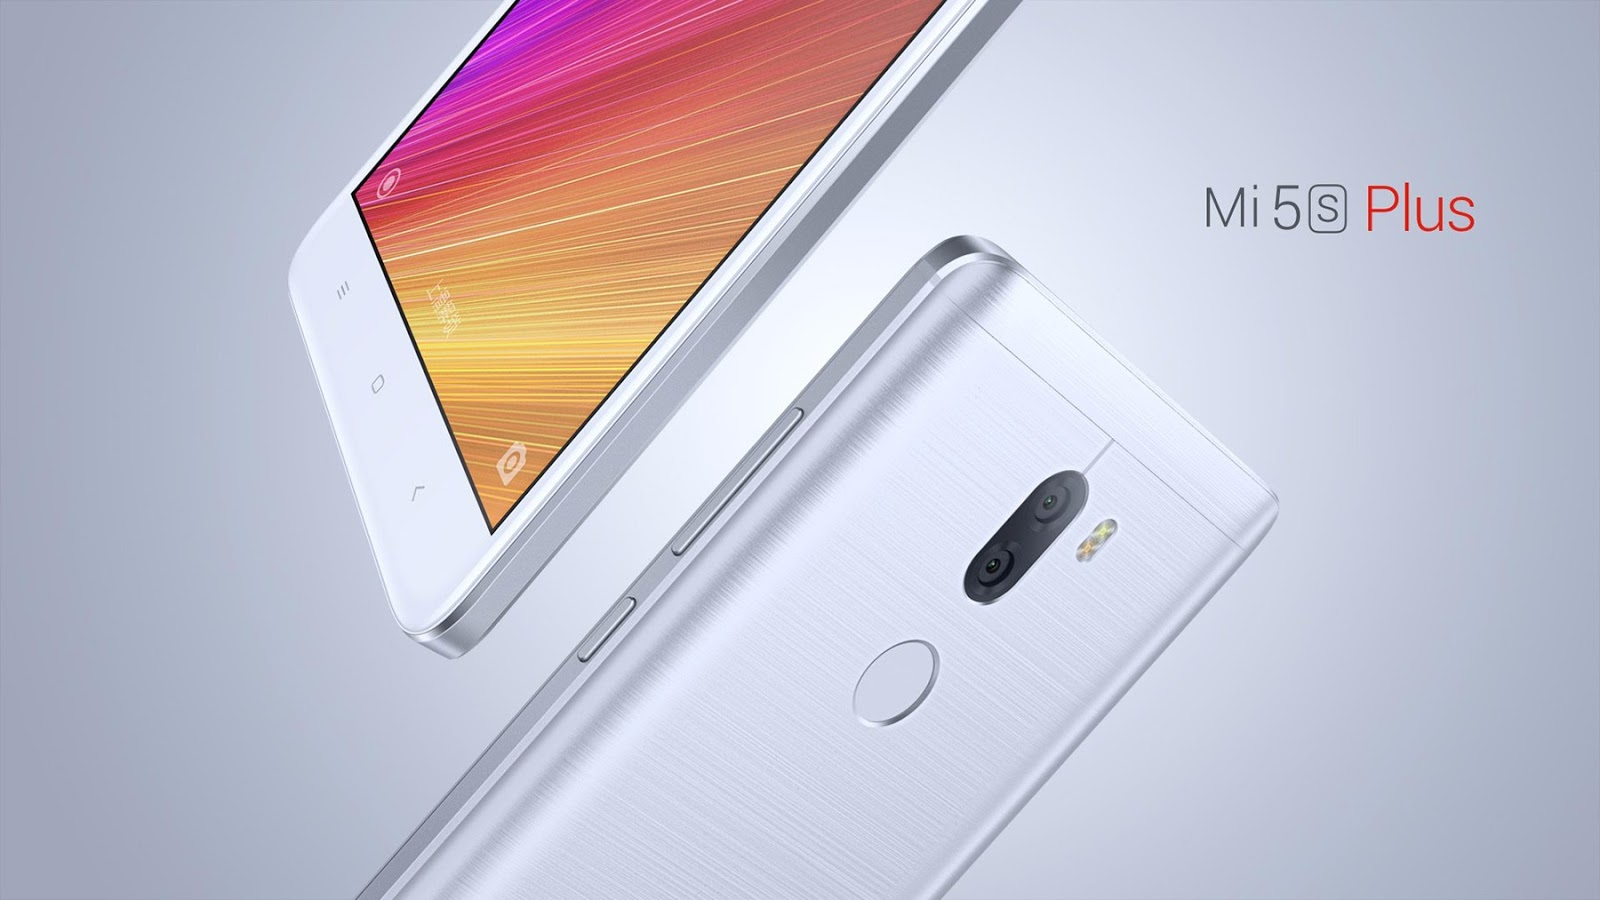 Осенний смартфонопад: китайский «Galaxy Note 7» и другие новинки от Xiaomi - 13